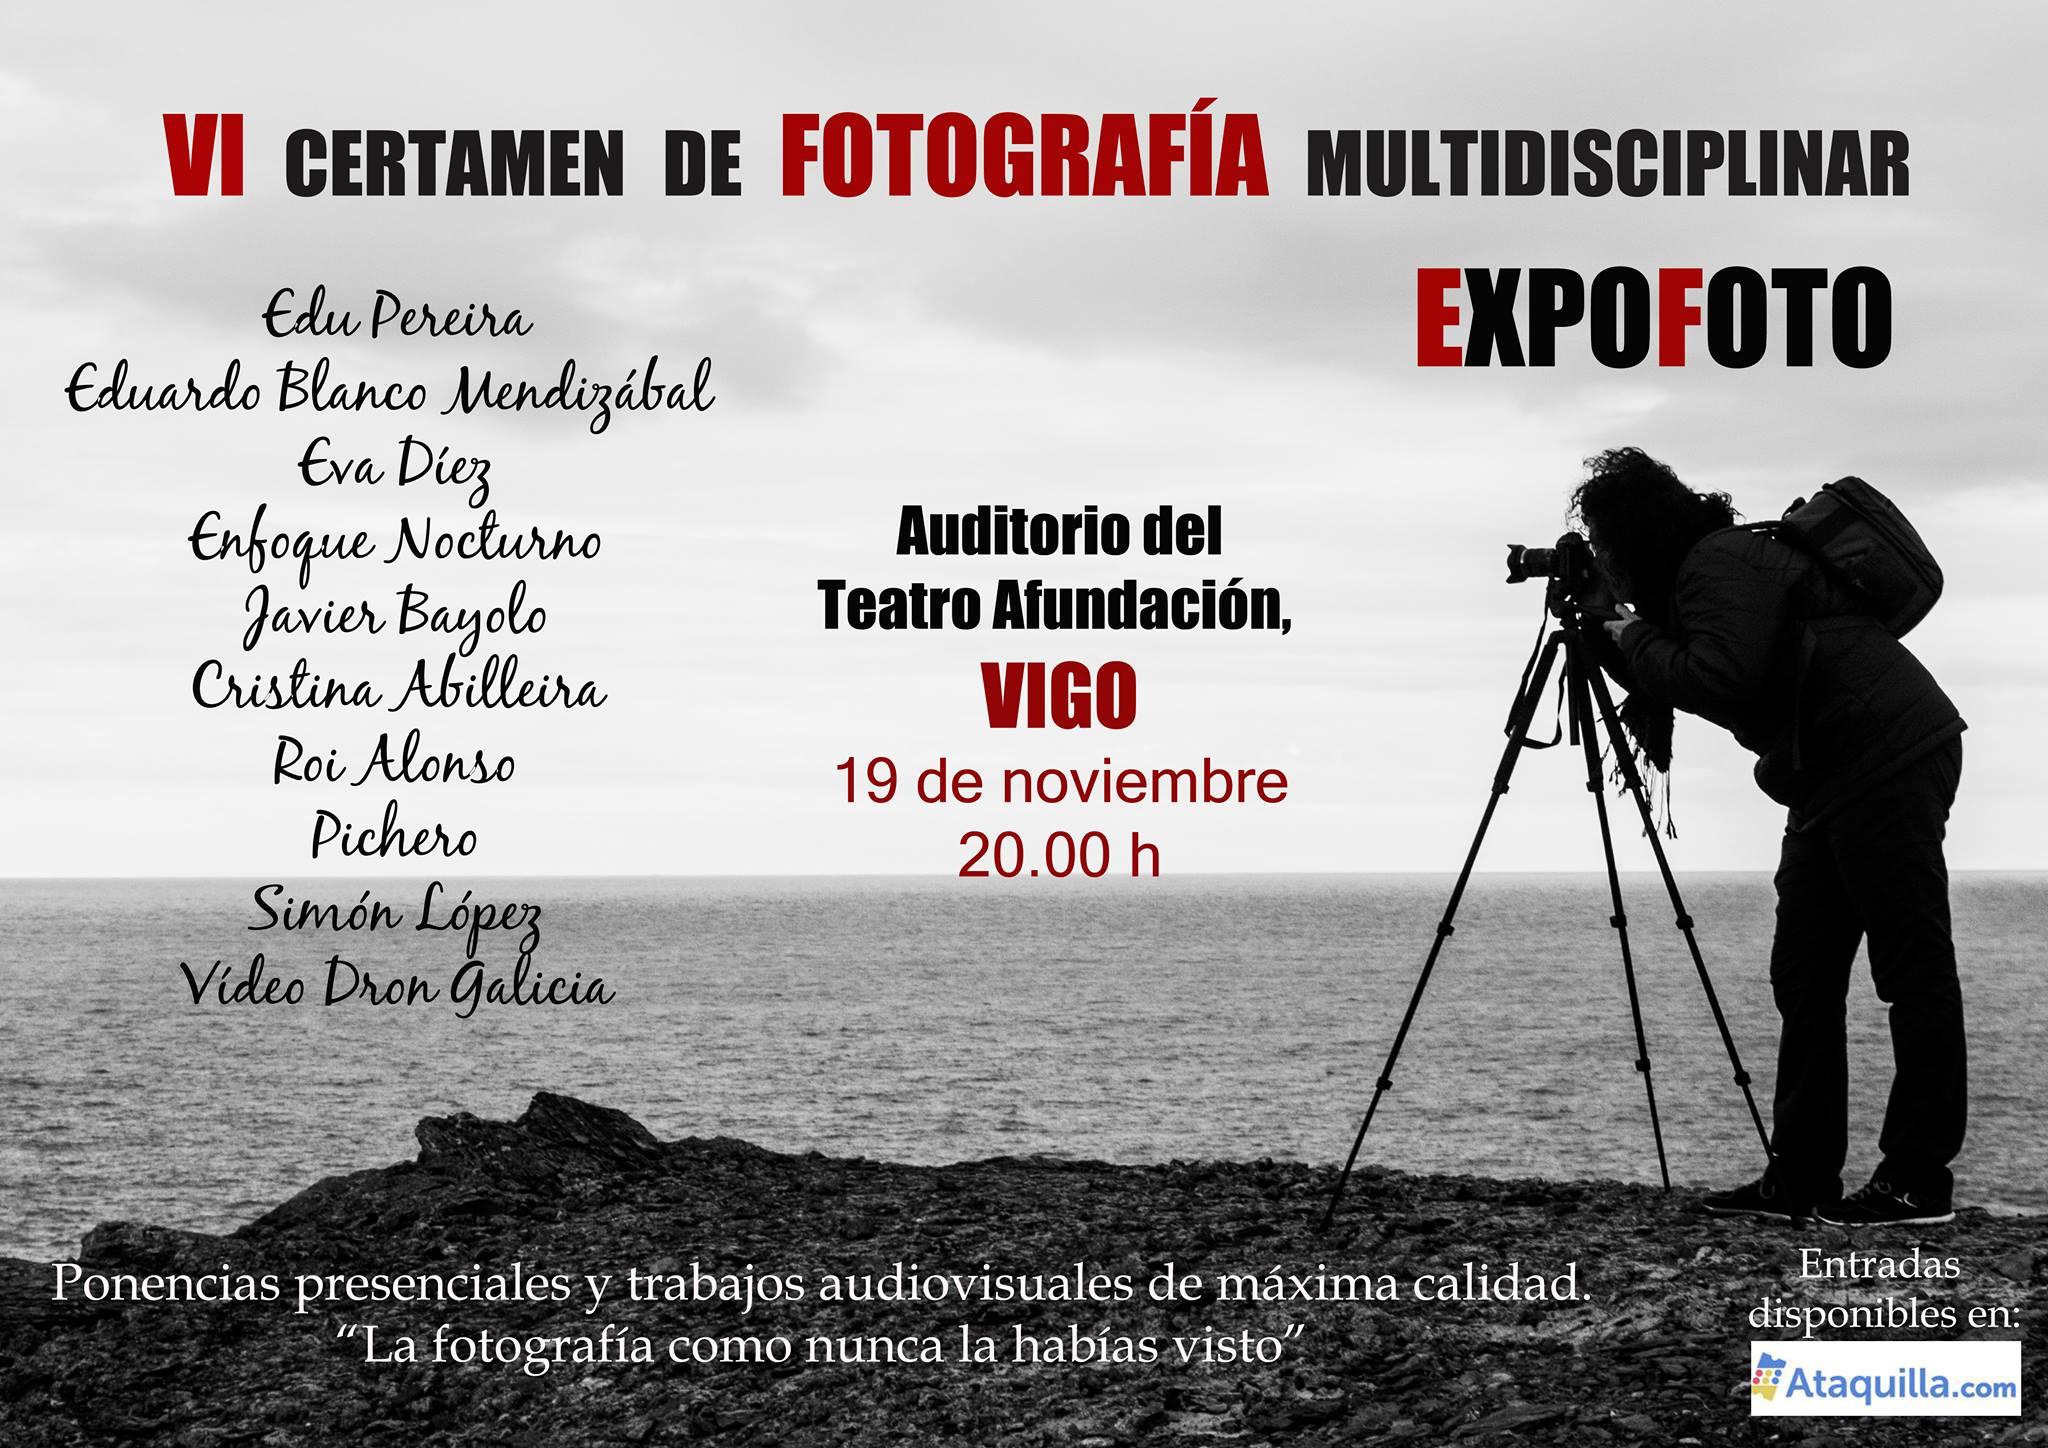 VI Certamen de Fotografía ExpoFoto